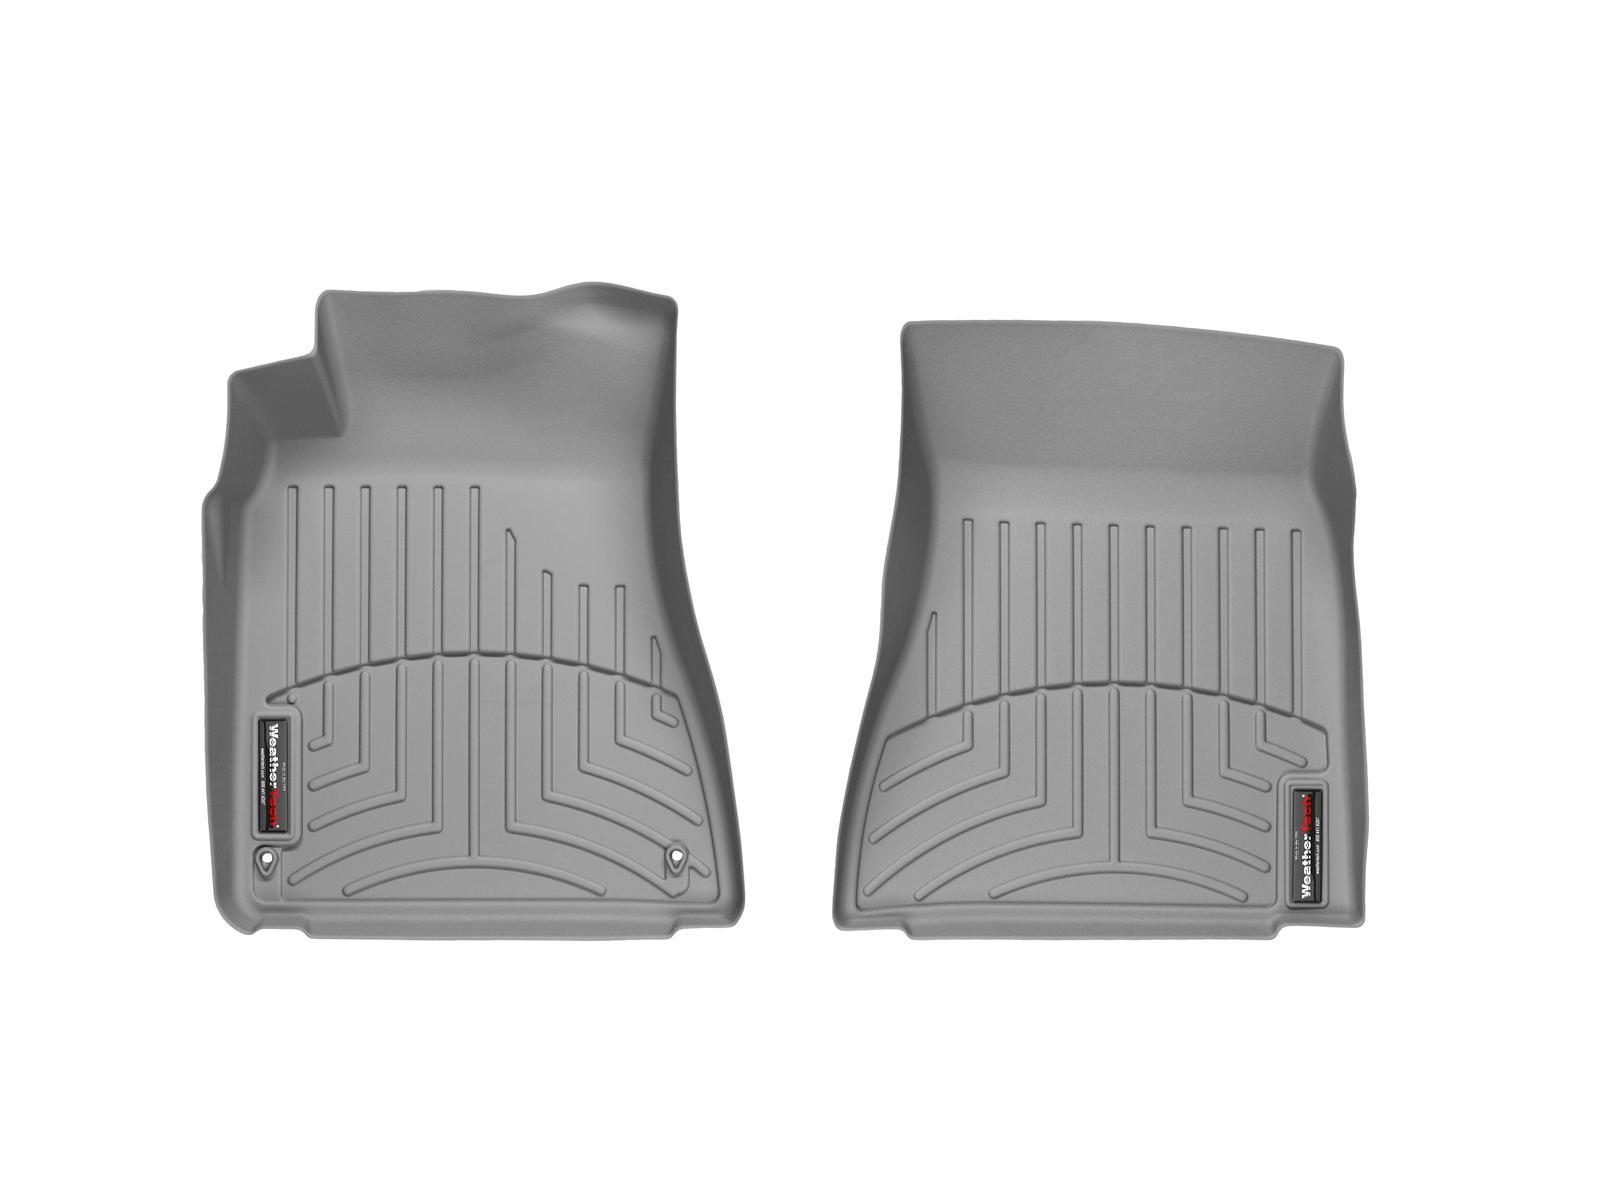 Tappeti gomma su misura bordo alto Lexus IS 05>10 Grigio A2038